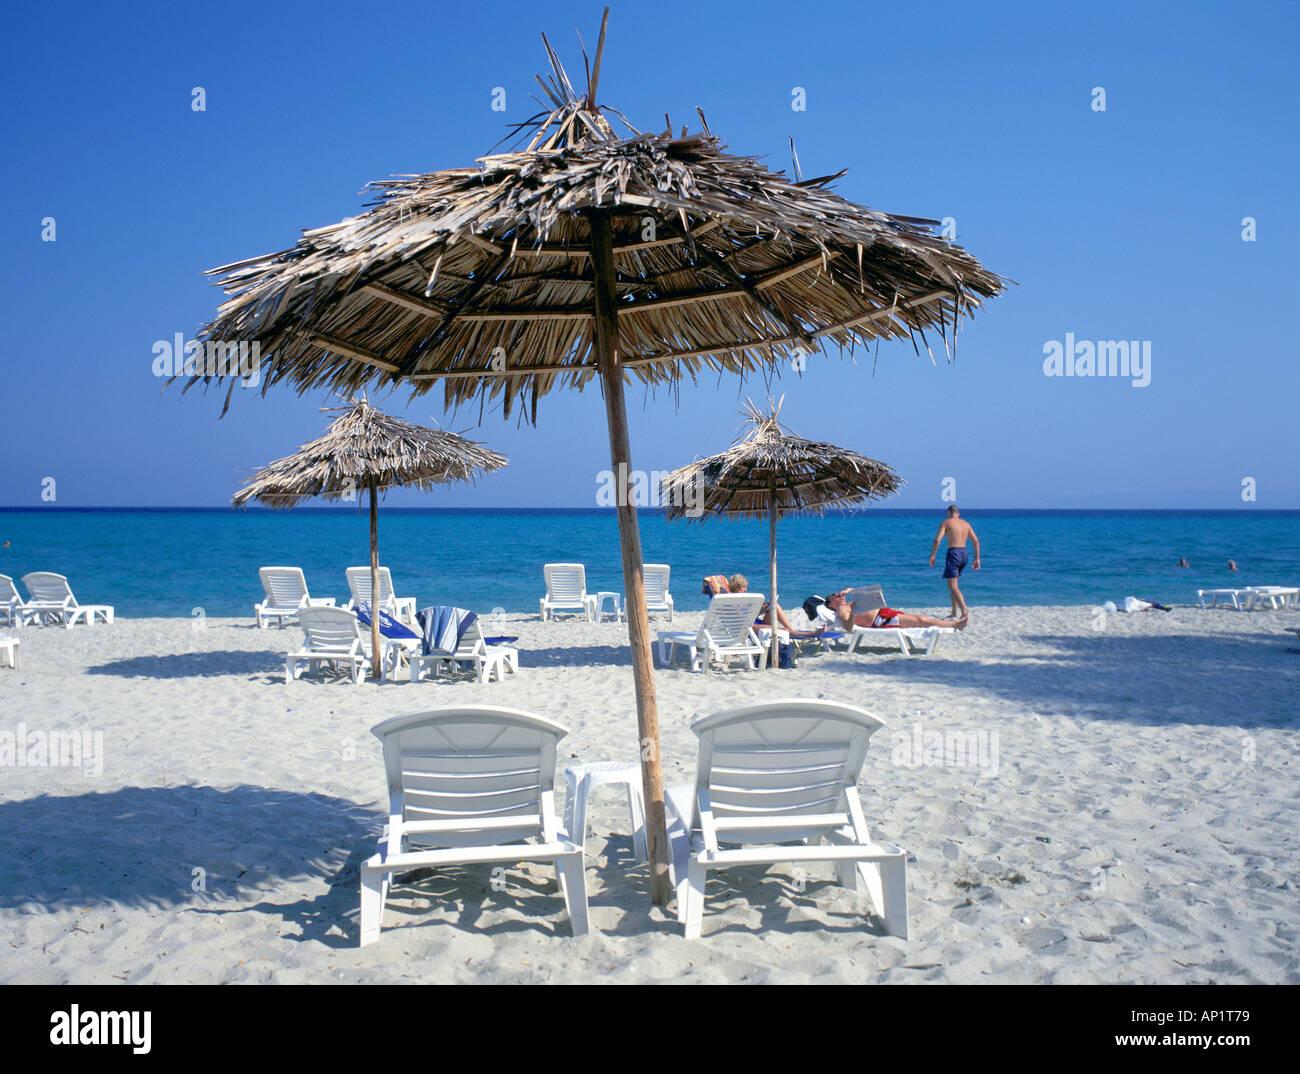 Strand von Santorin, Griechenland mit getrockneten Palmblättern als Sonne Schatten Schatten und blaues Meer und wolkenlosen Himmel verwendet Stockbild